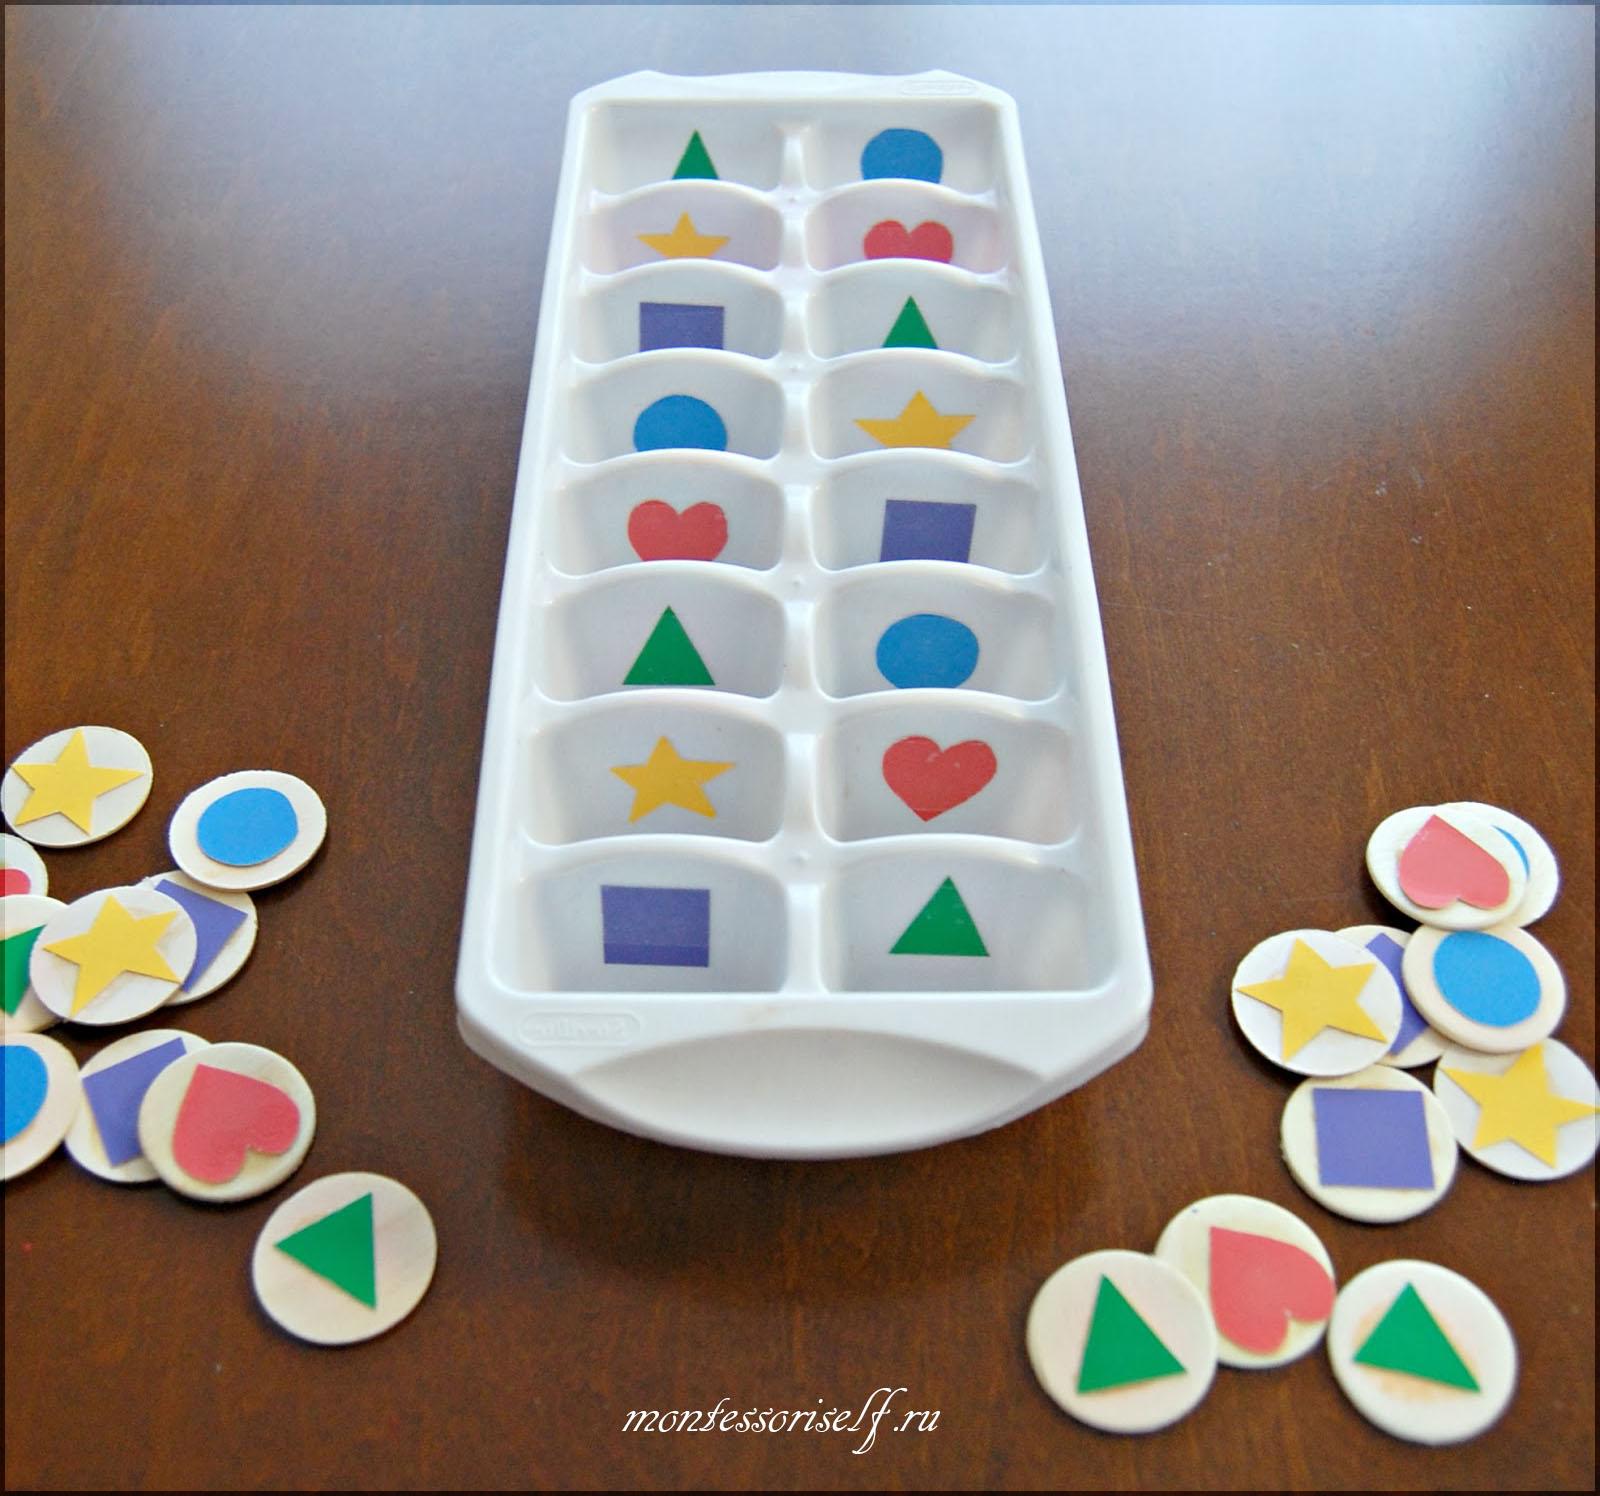 10 простых идей игрушек своими руками в домашних условиях 64